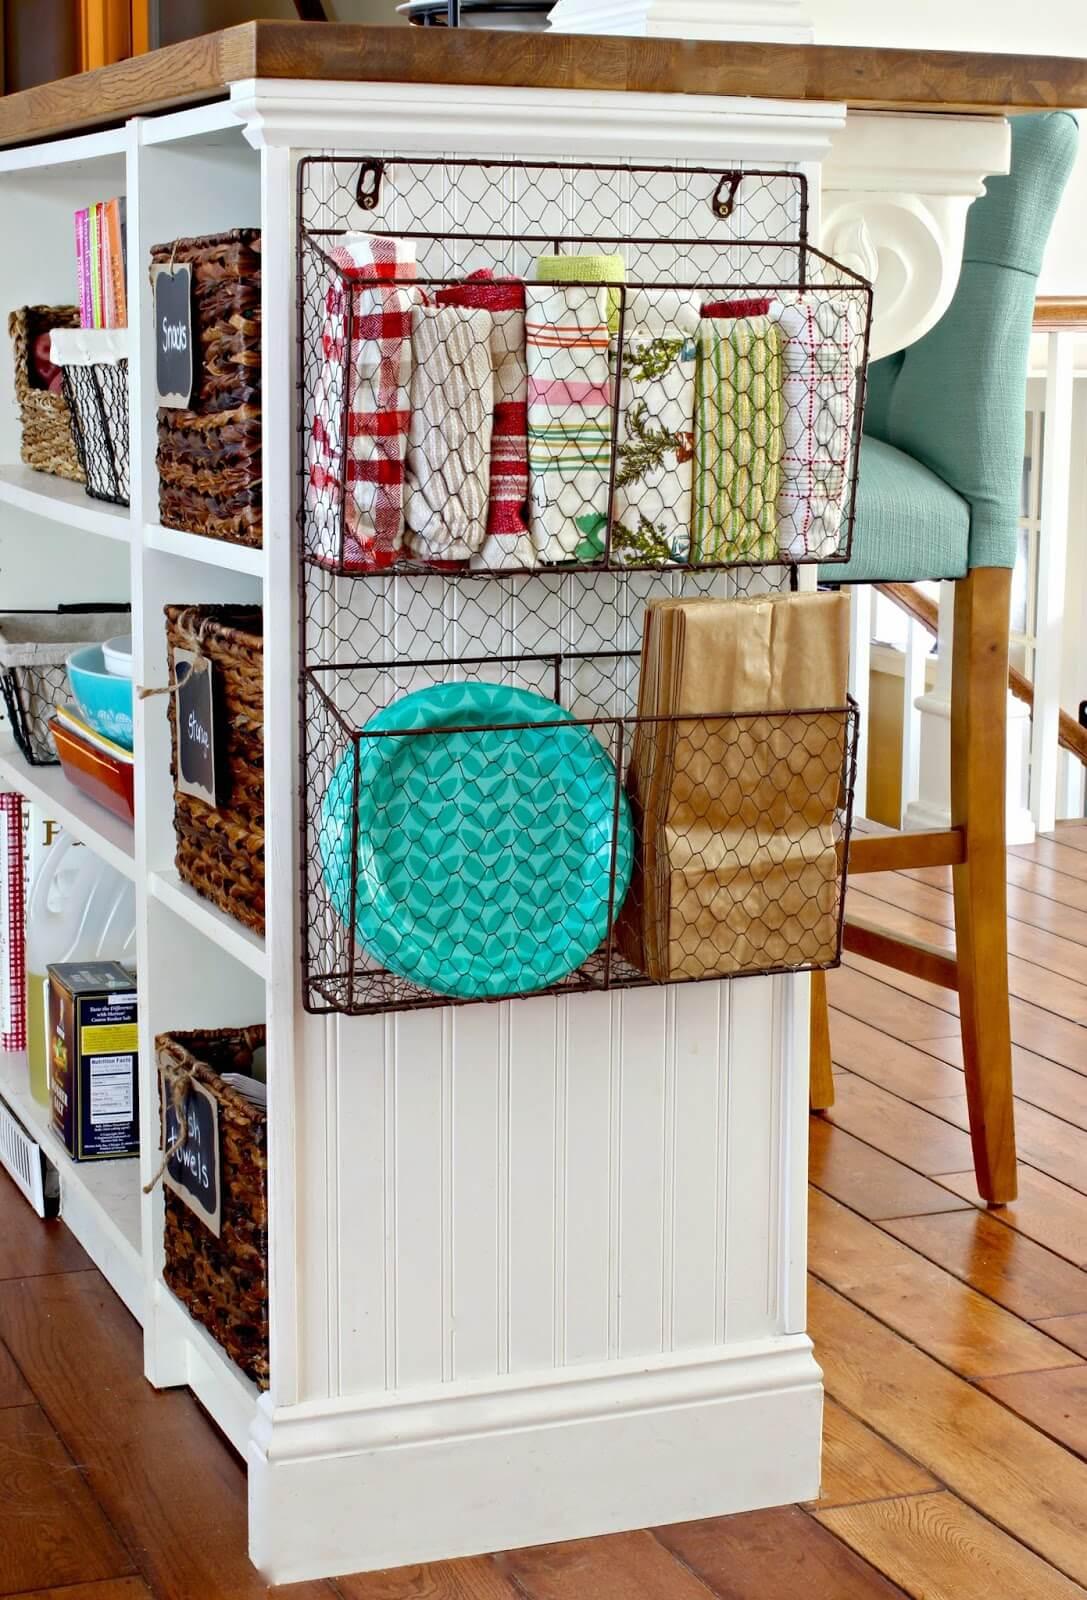 Chicken Wire Kitchen Organizer Baskets